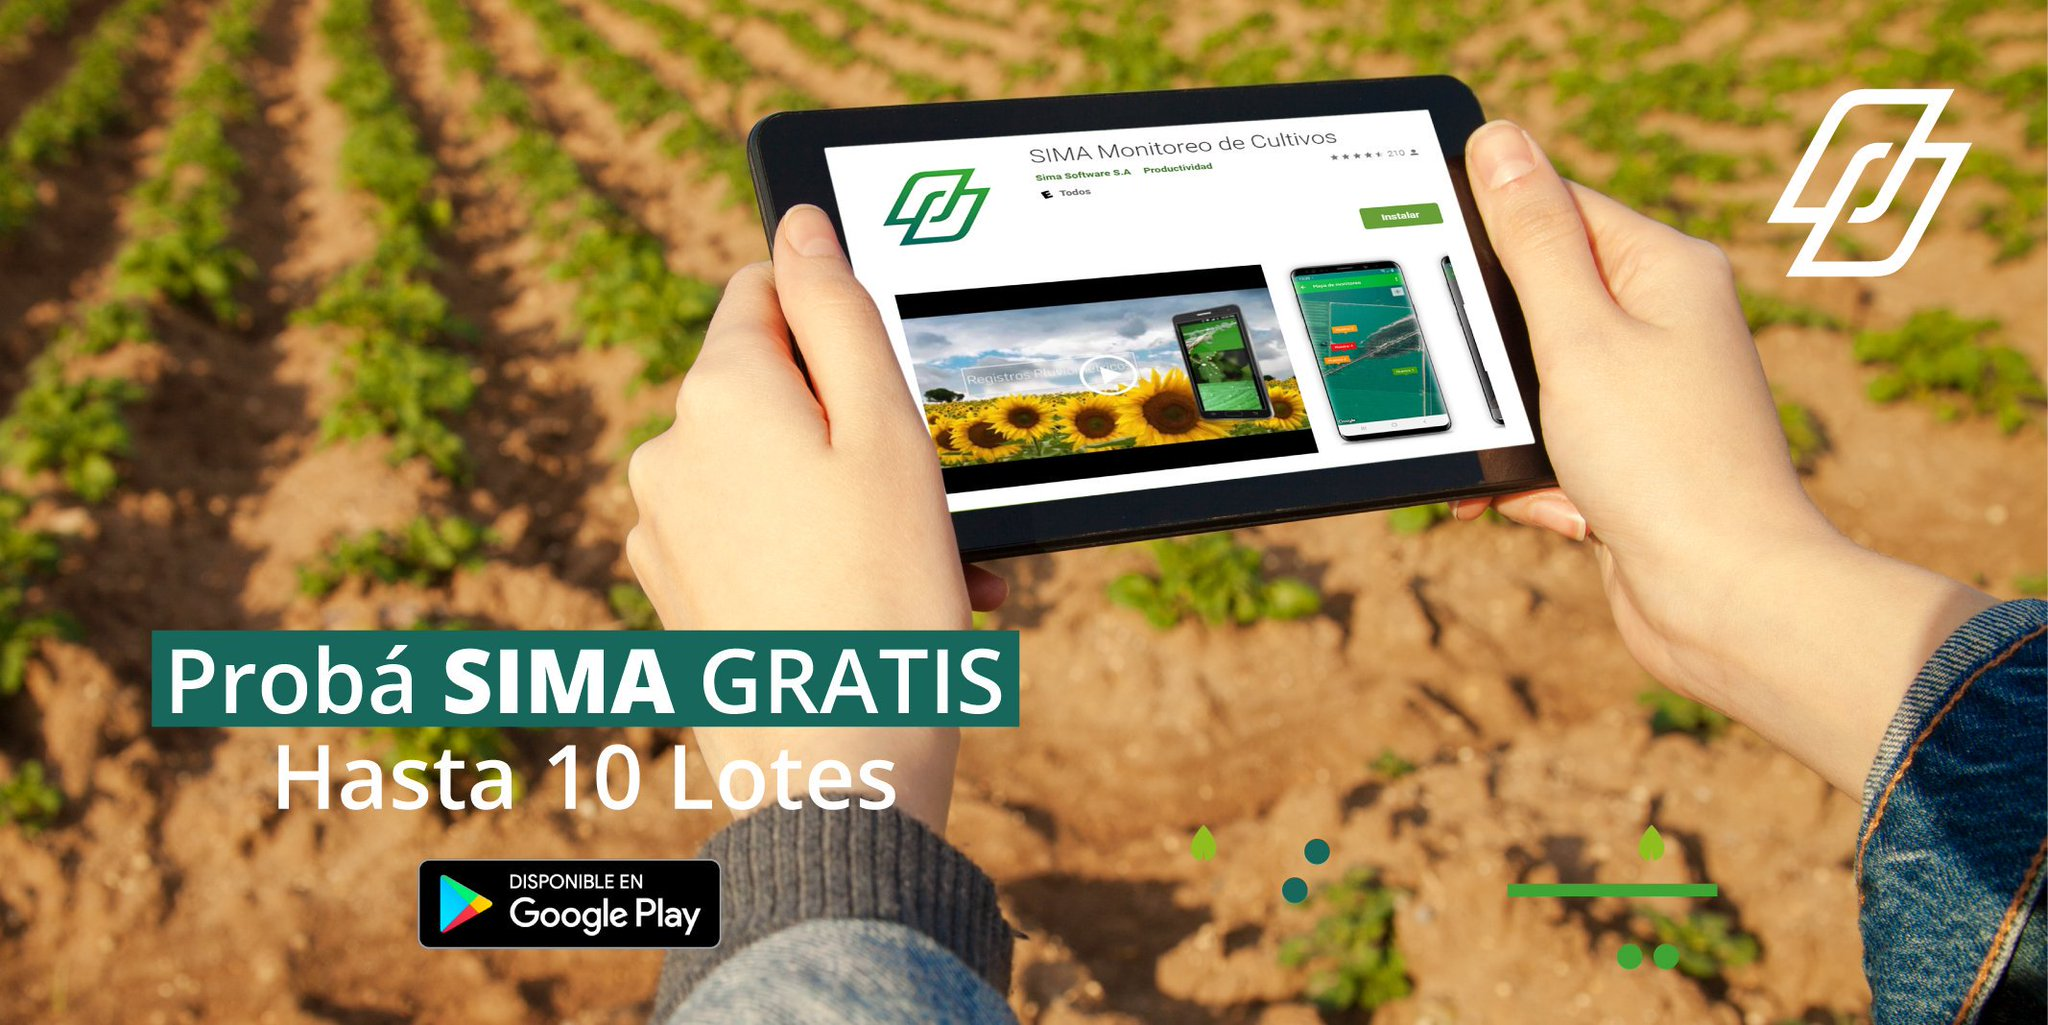 SIMA es una startup argentina que desarrolló un servicio de monitoreo de cultivos con alta precisión en colaboración con la NASA